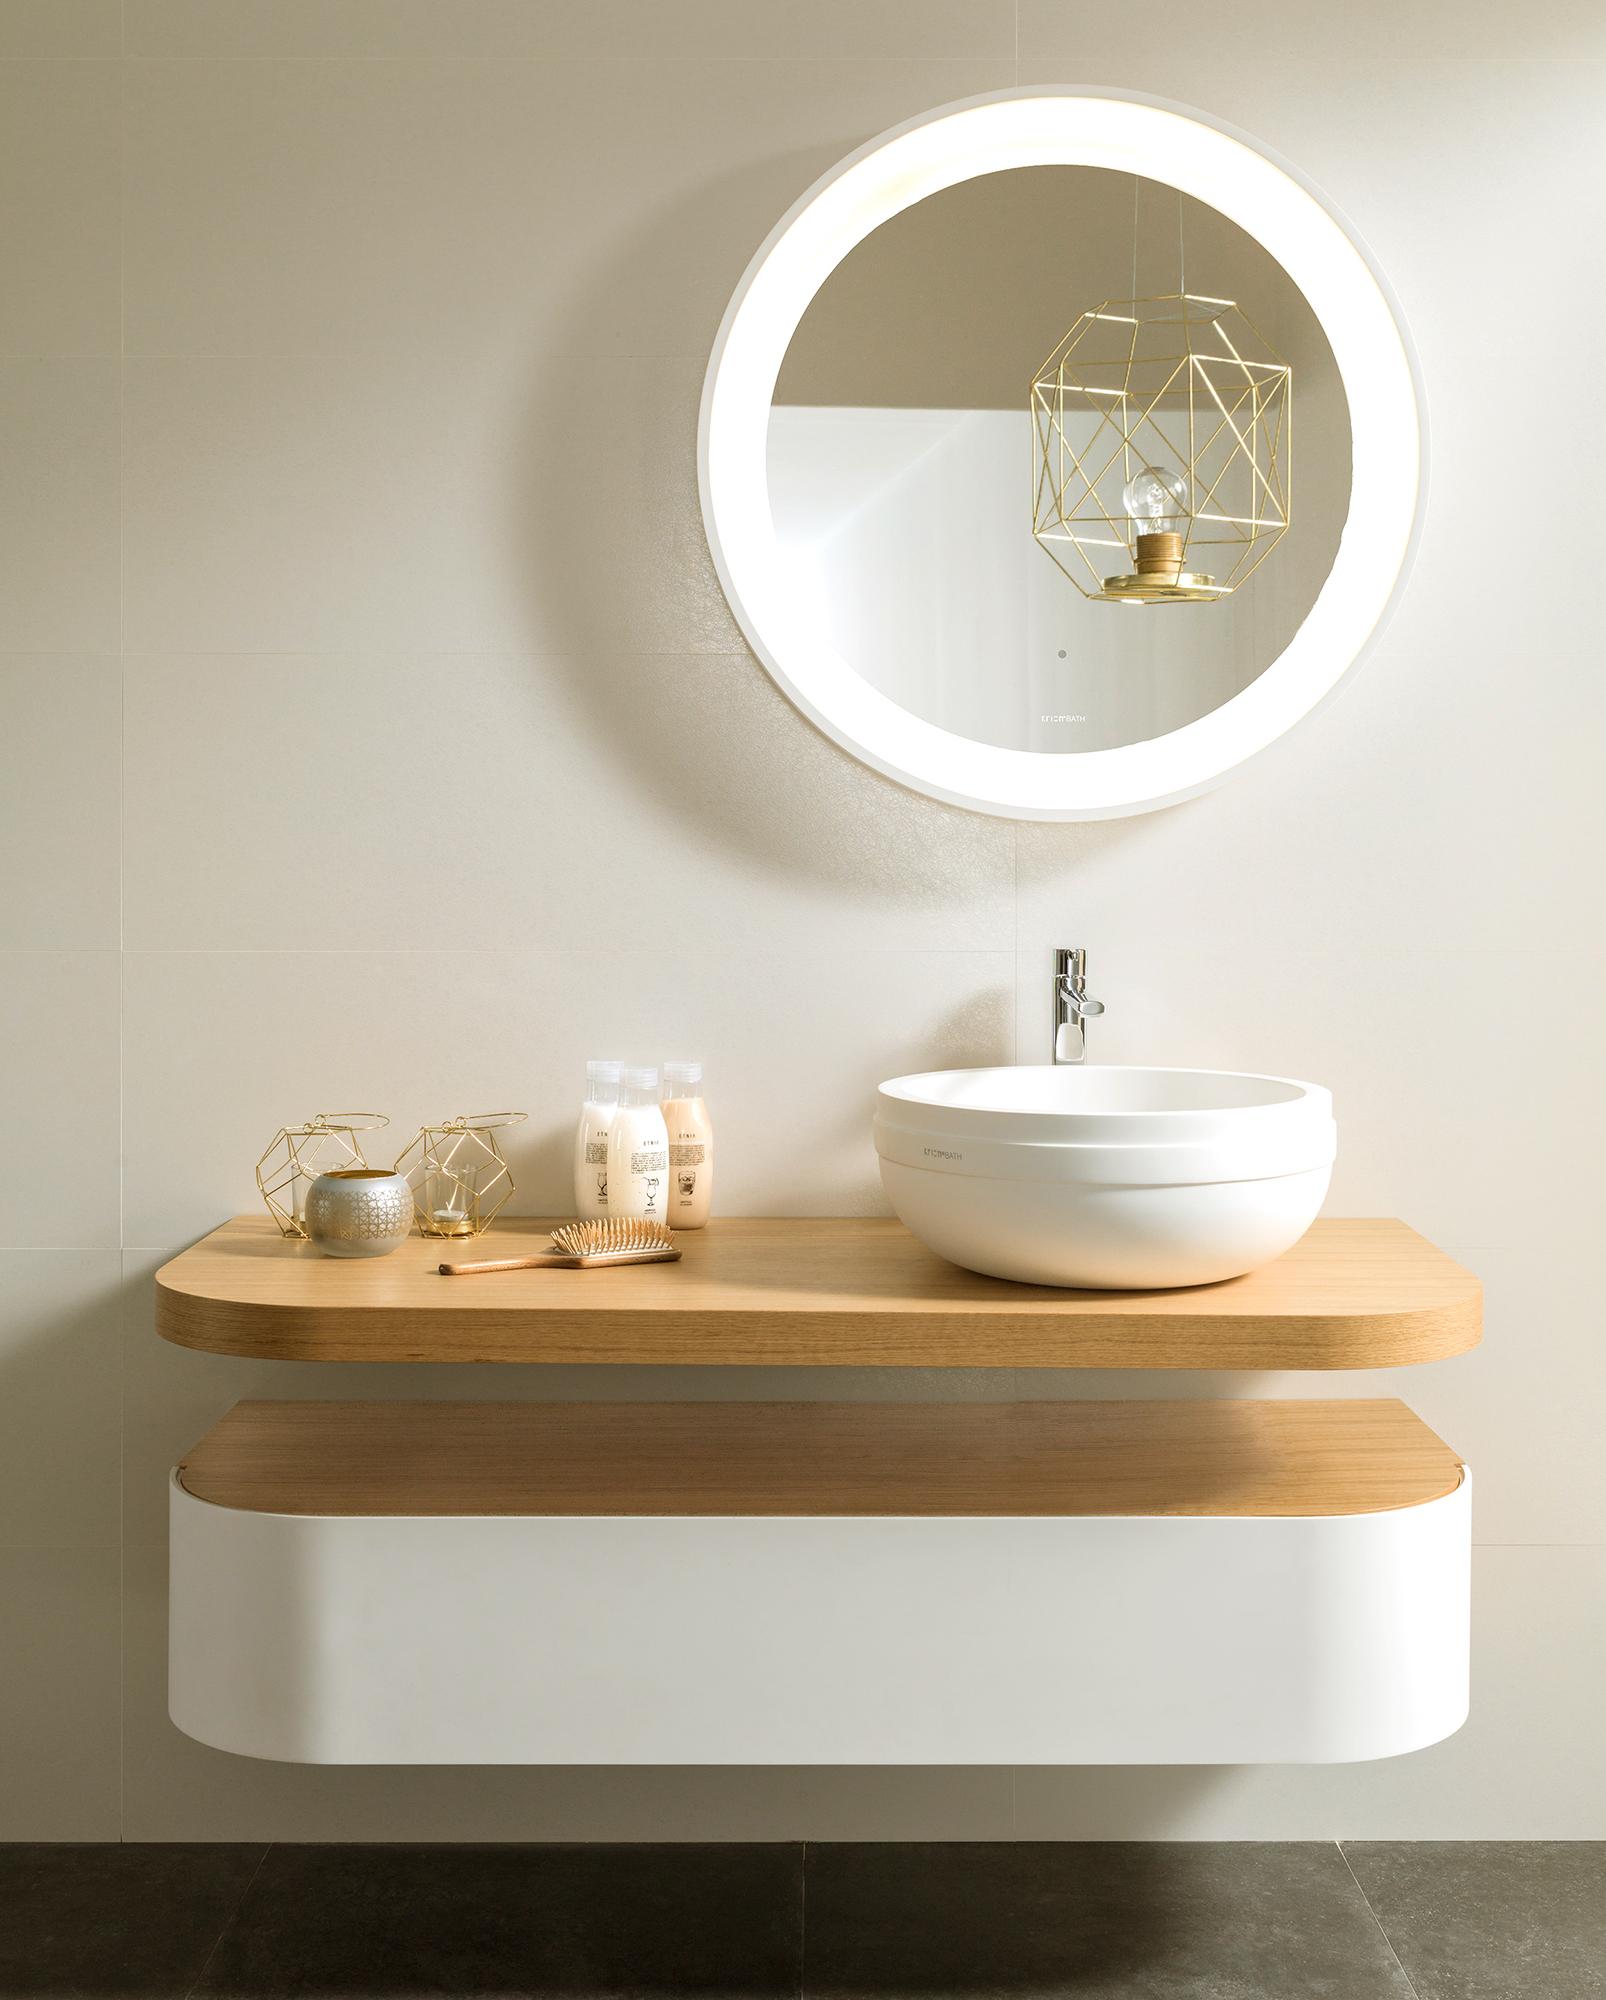 Sanitarios claves para elegir el lavamanos y el inodoro - Muebles para lavabos pequenos ...